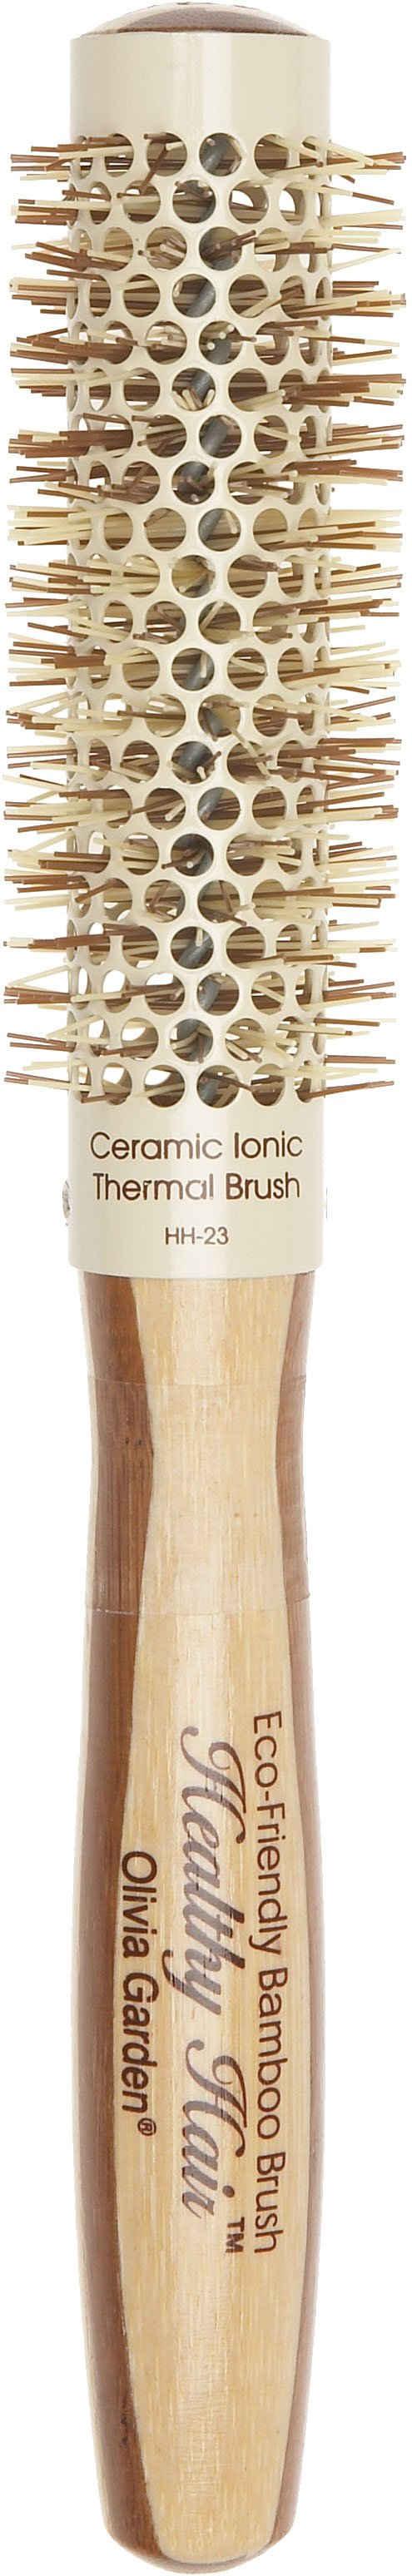 OLIVIA GARDEN Rundbürste »Healthy Hair Bambus Thermal«, Rundbürste aus Bambusholz und Keramikbeschichtetem Bürstenkörper